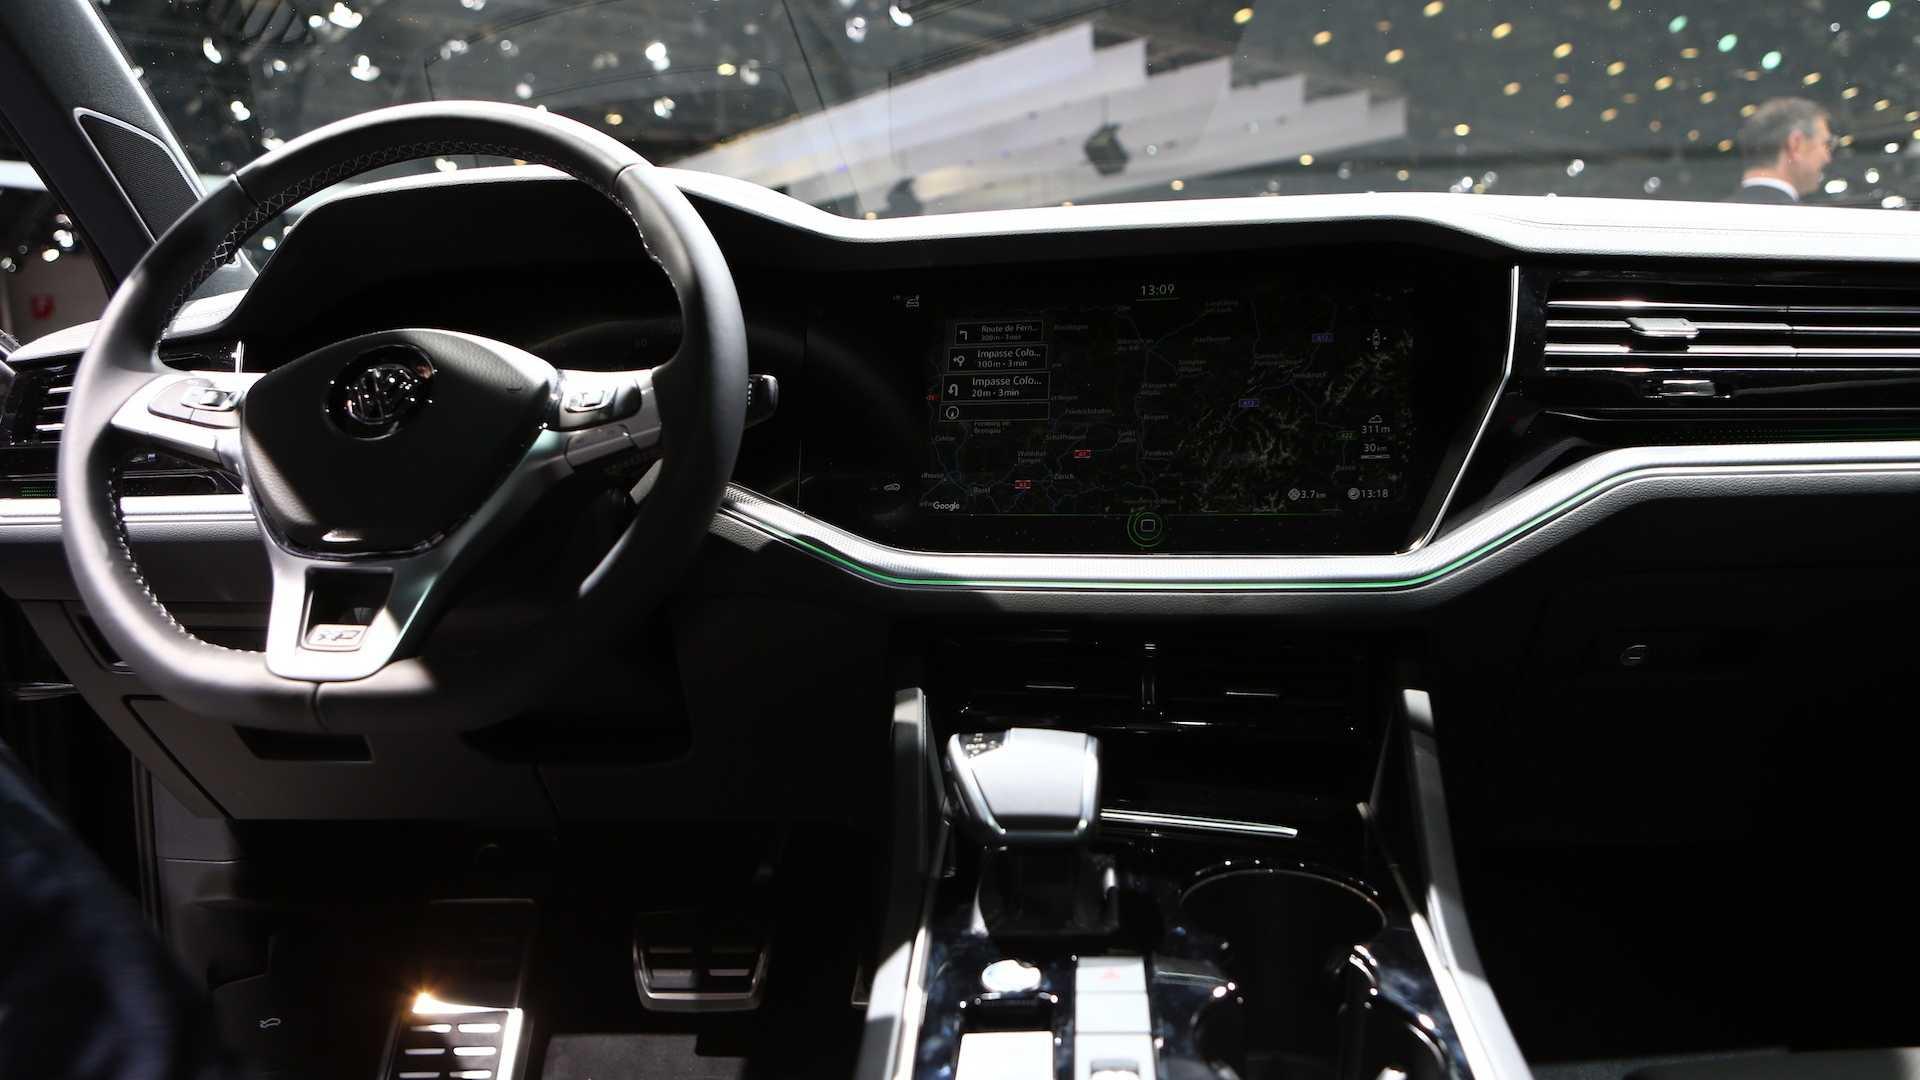 Самый мощный дизельный VW Touareg станет и самым последним 2